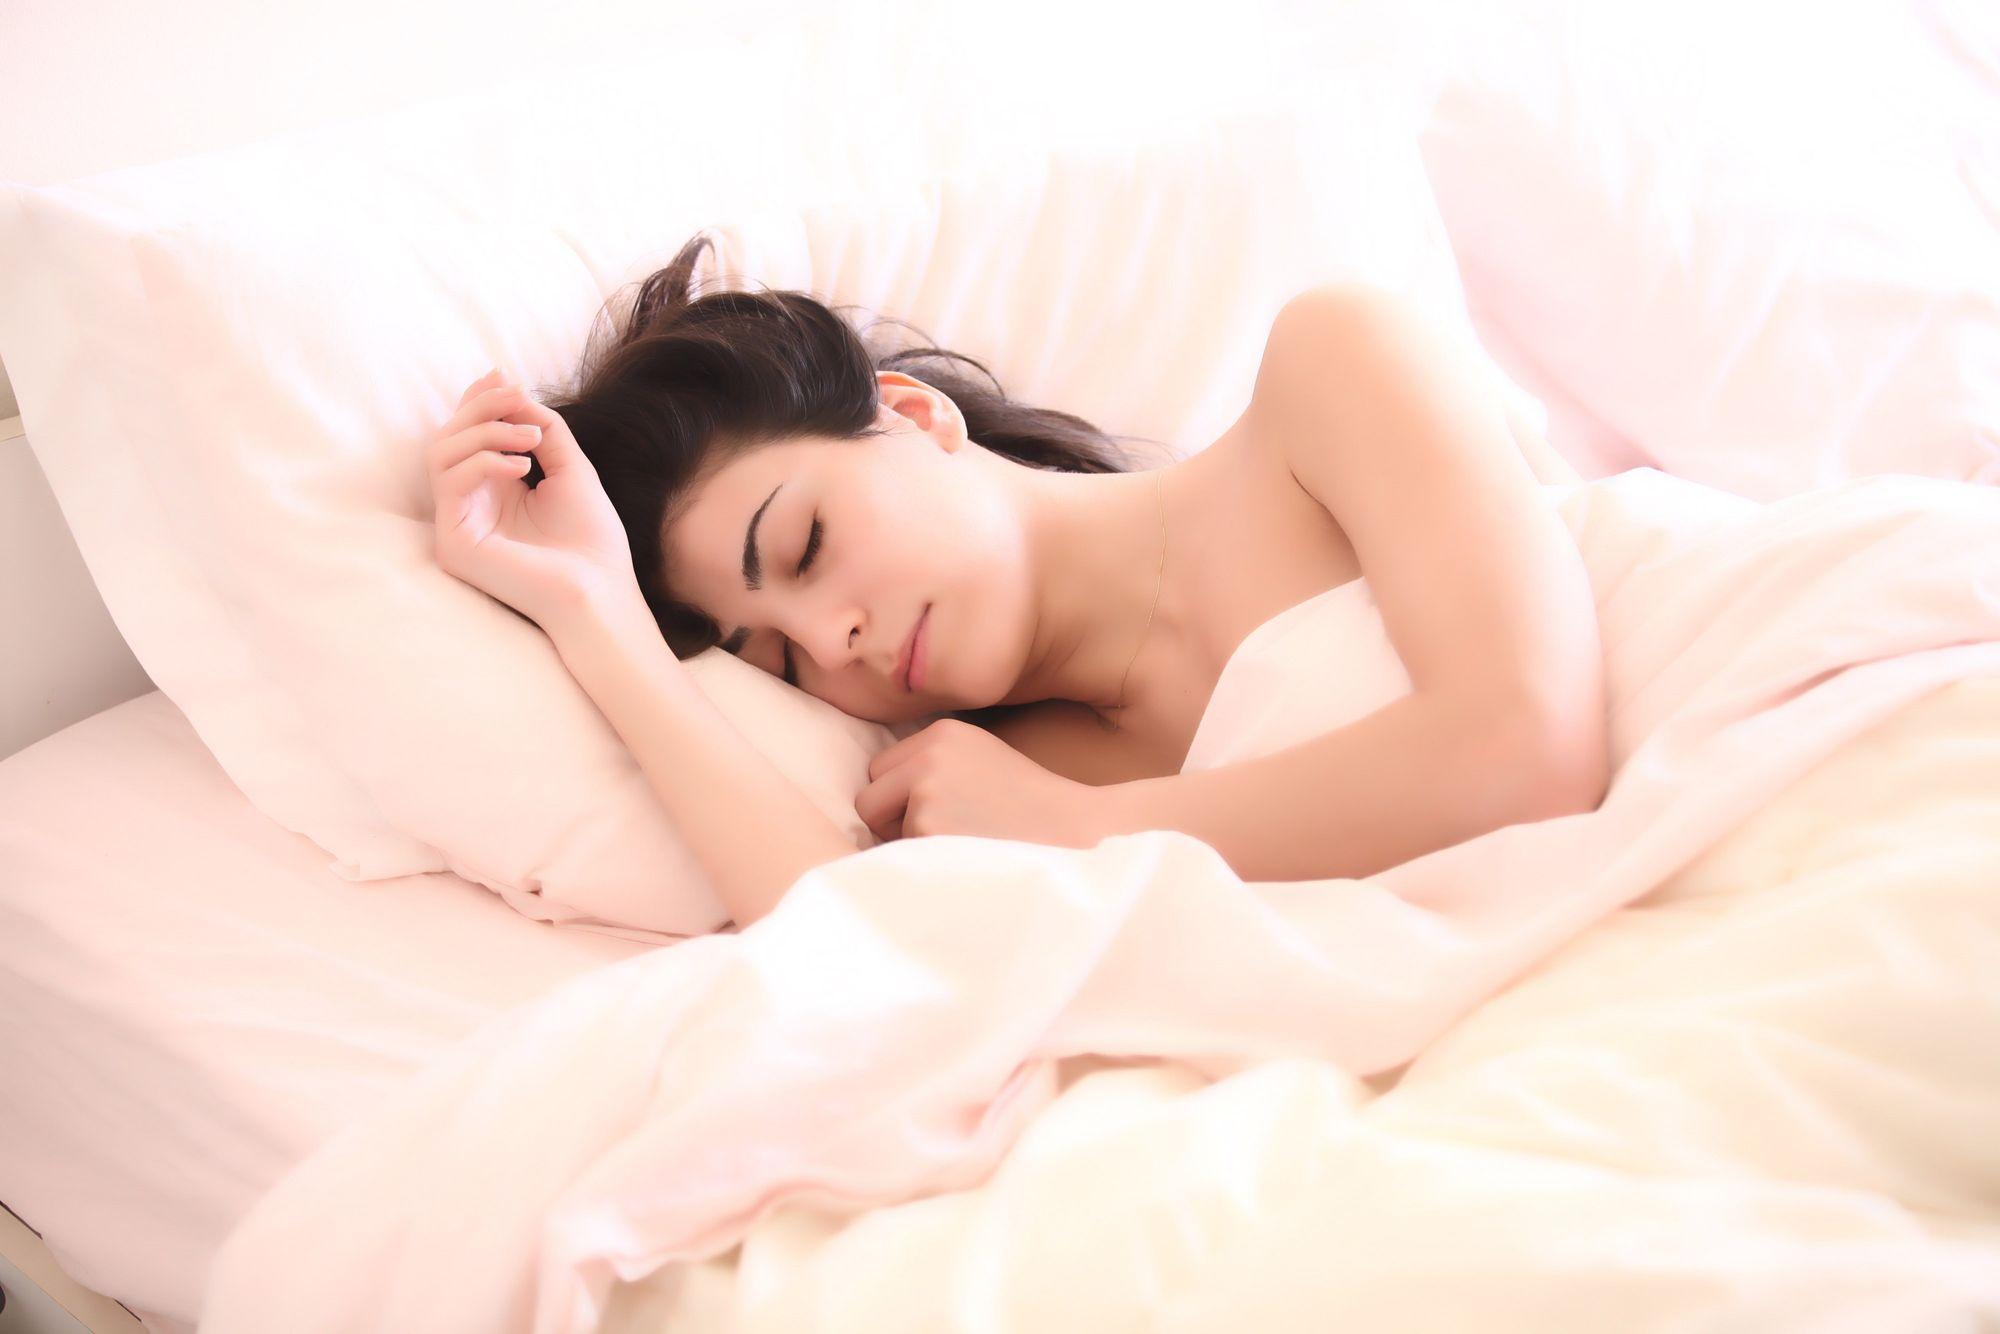 Yakin Posisi Tidur Kamu dan Bantal Kamu Sudah Cocok?